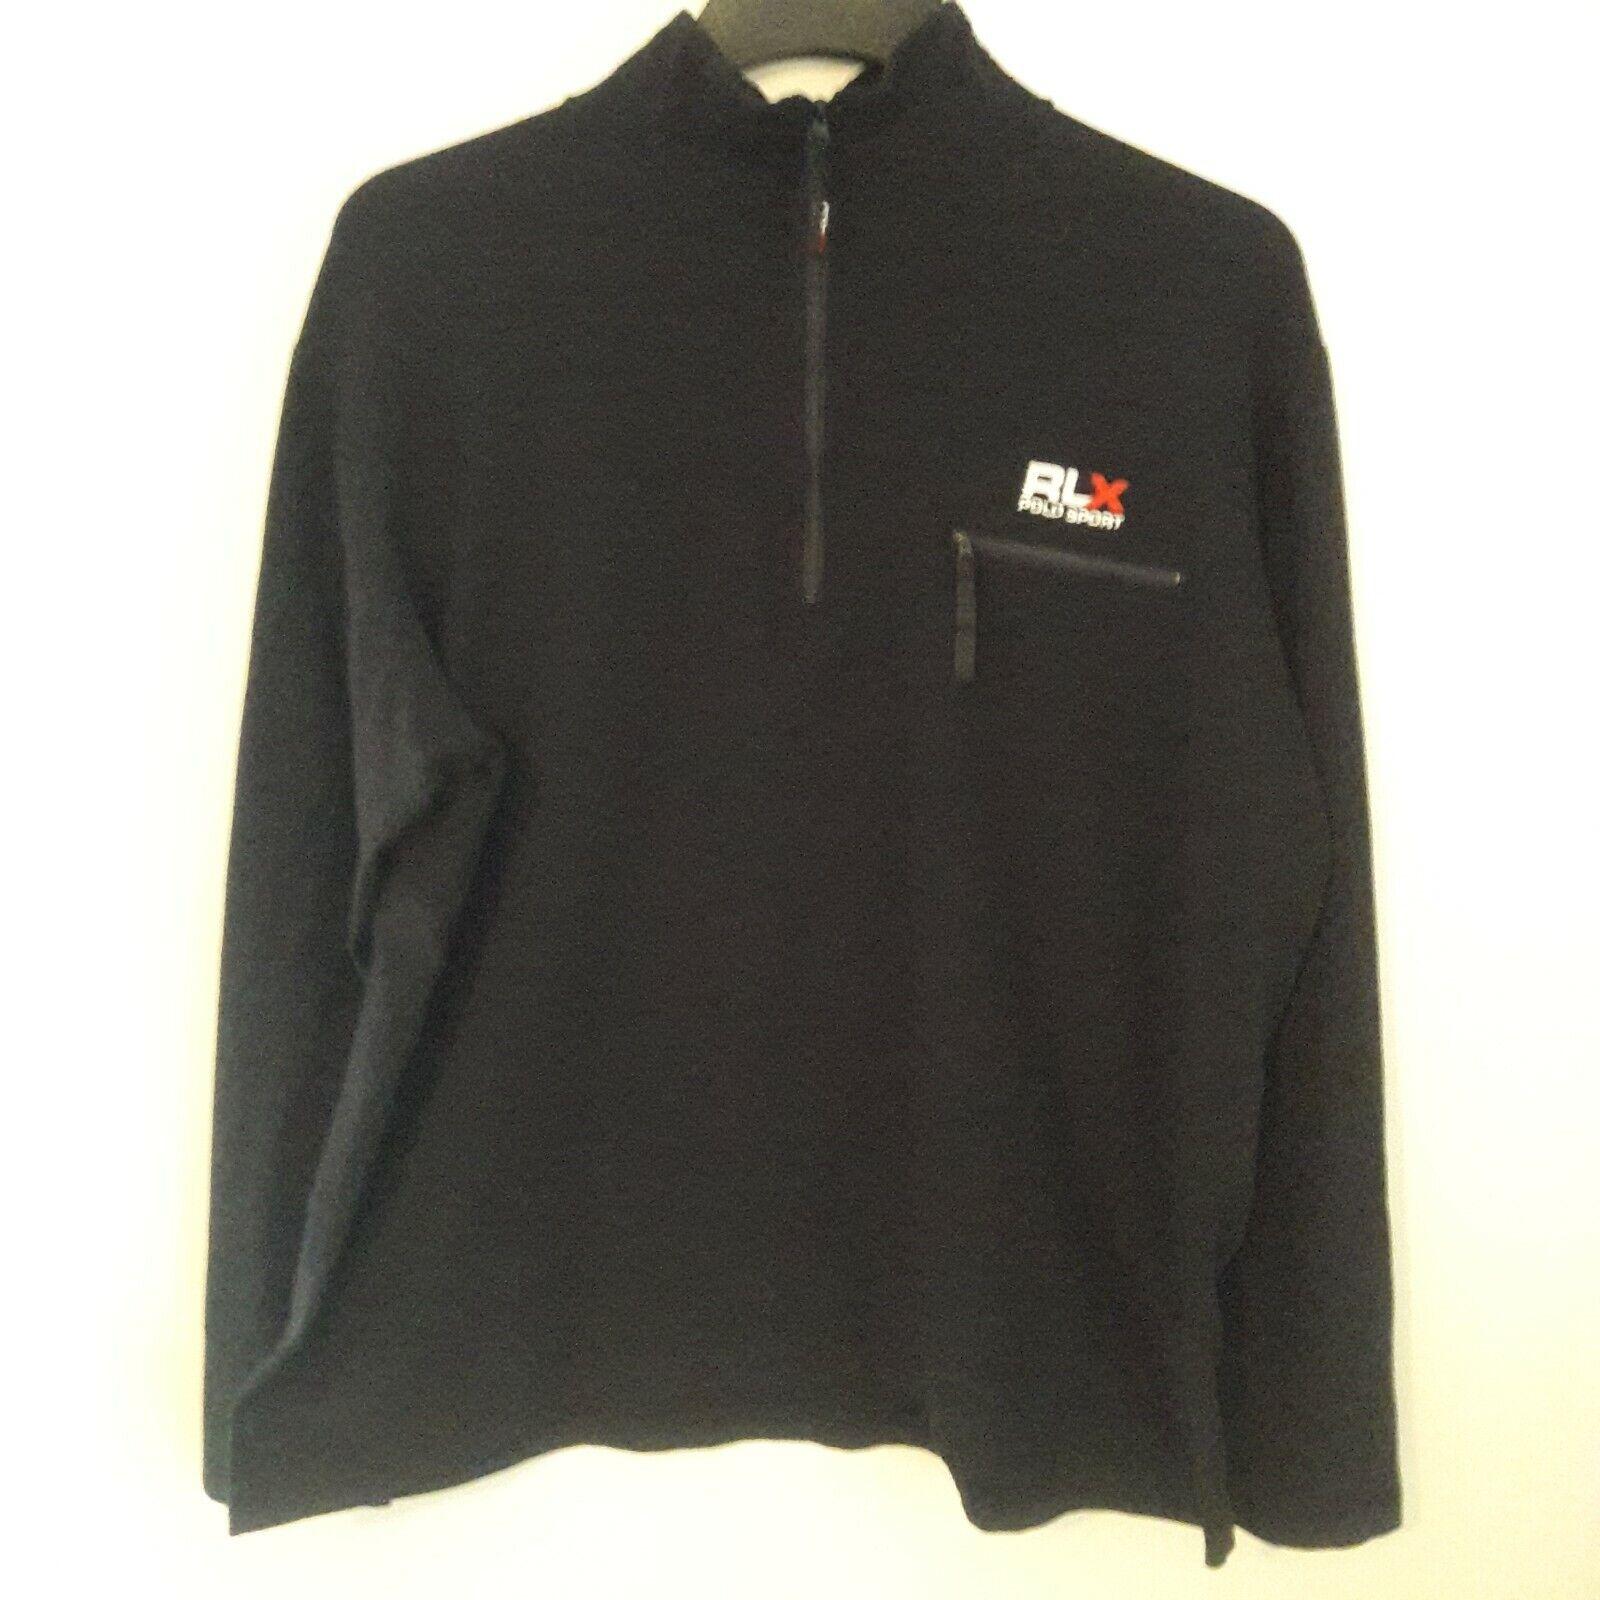 Polo Sport RLX Snow Beach 1992 rare Shirt - image 1